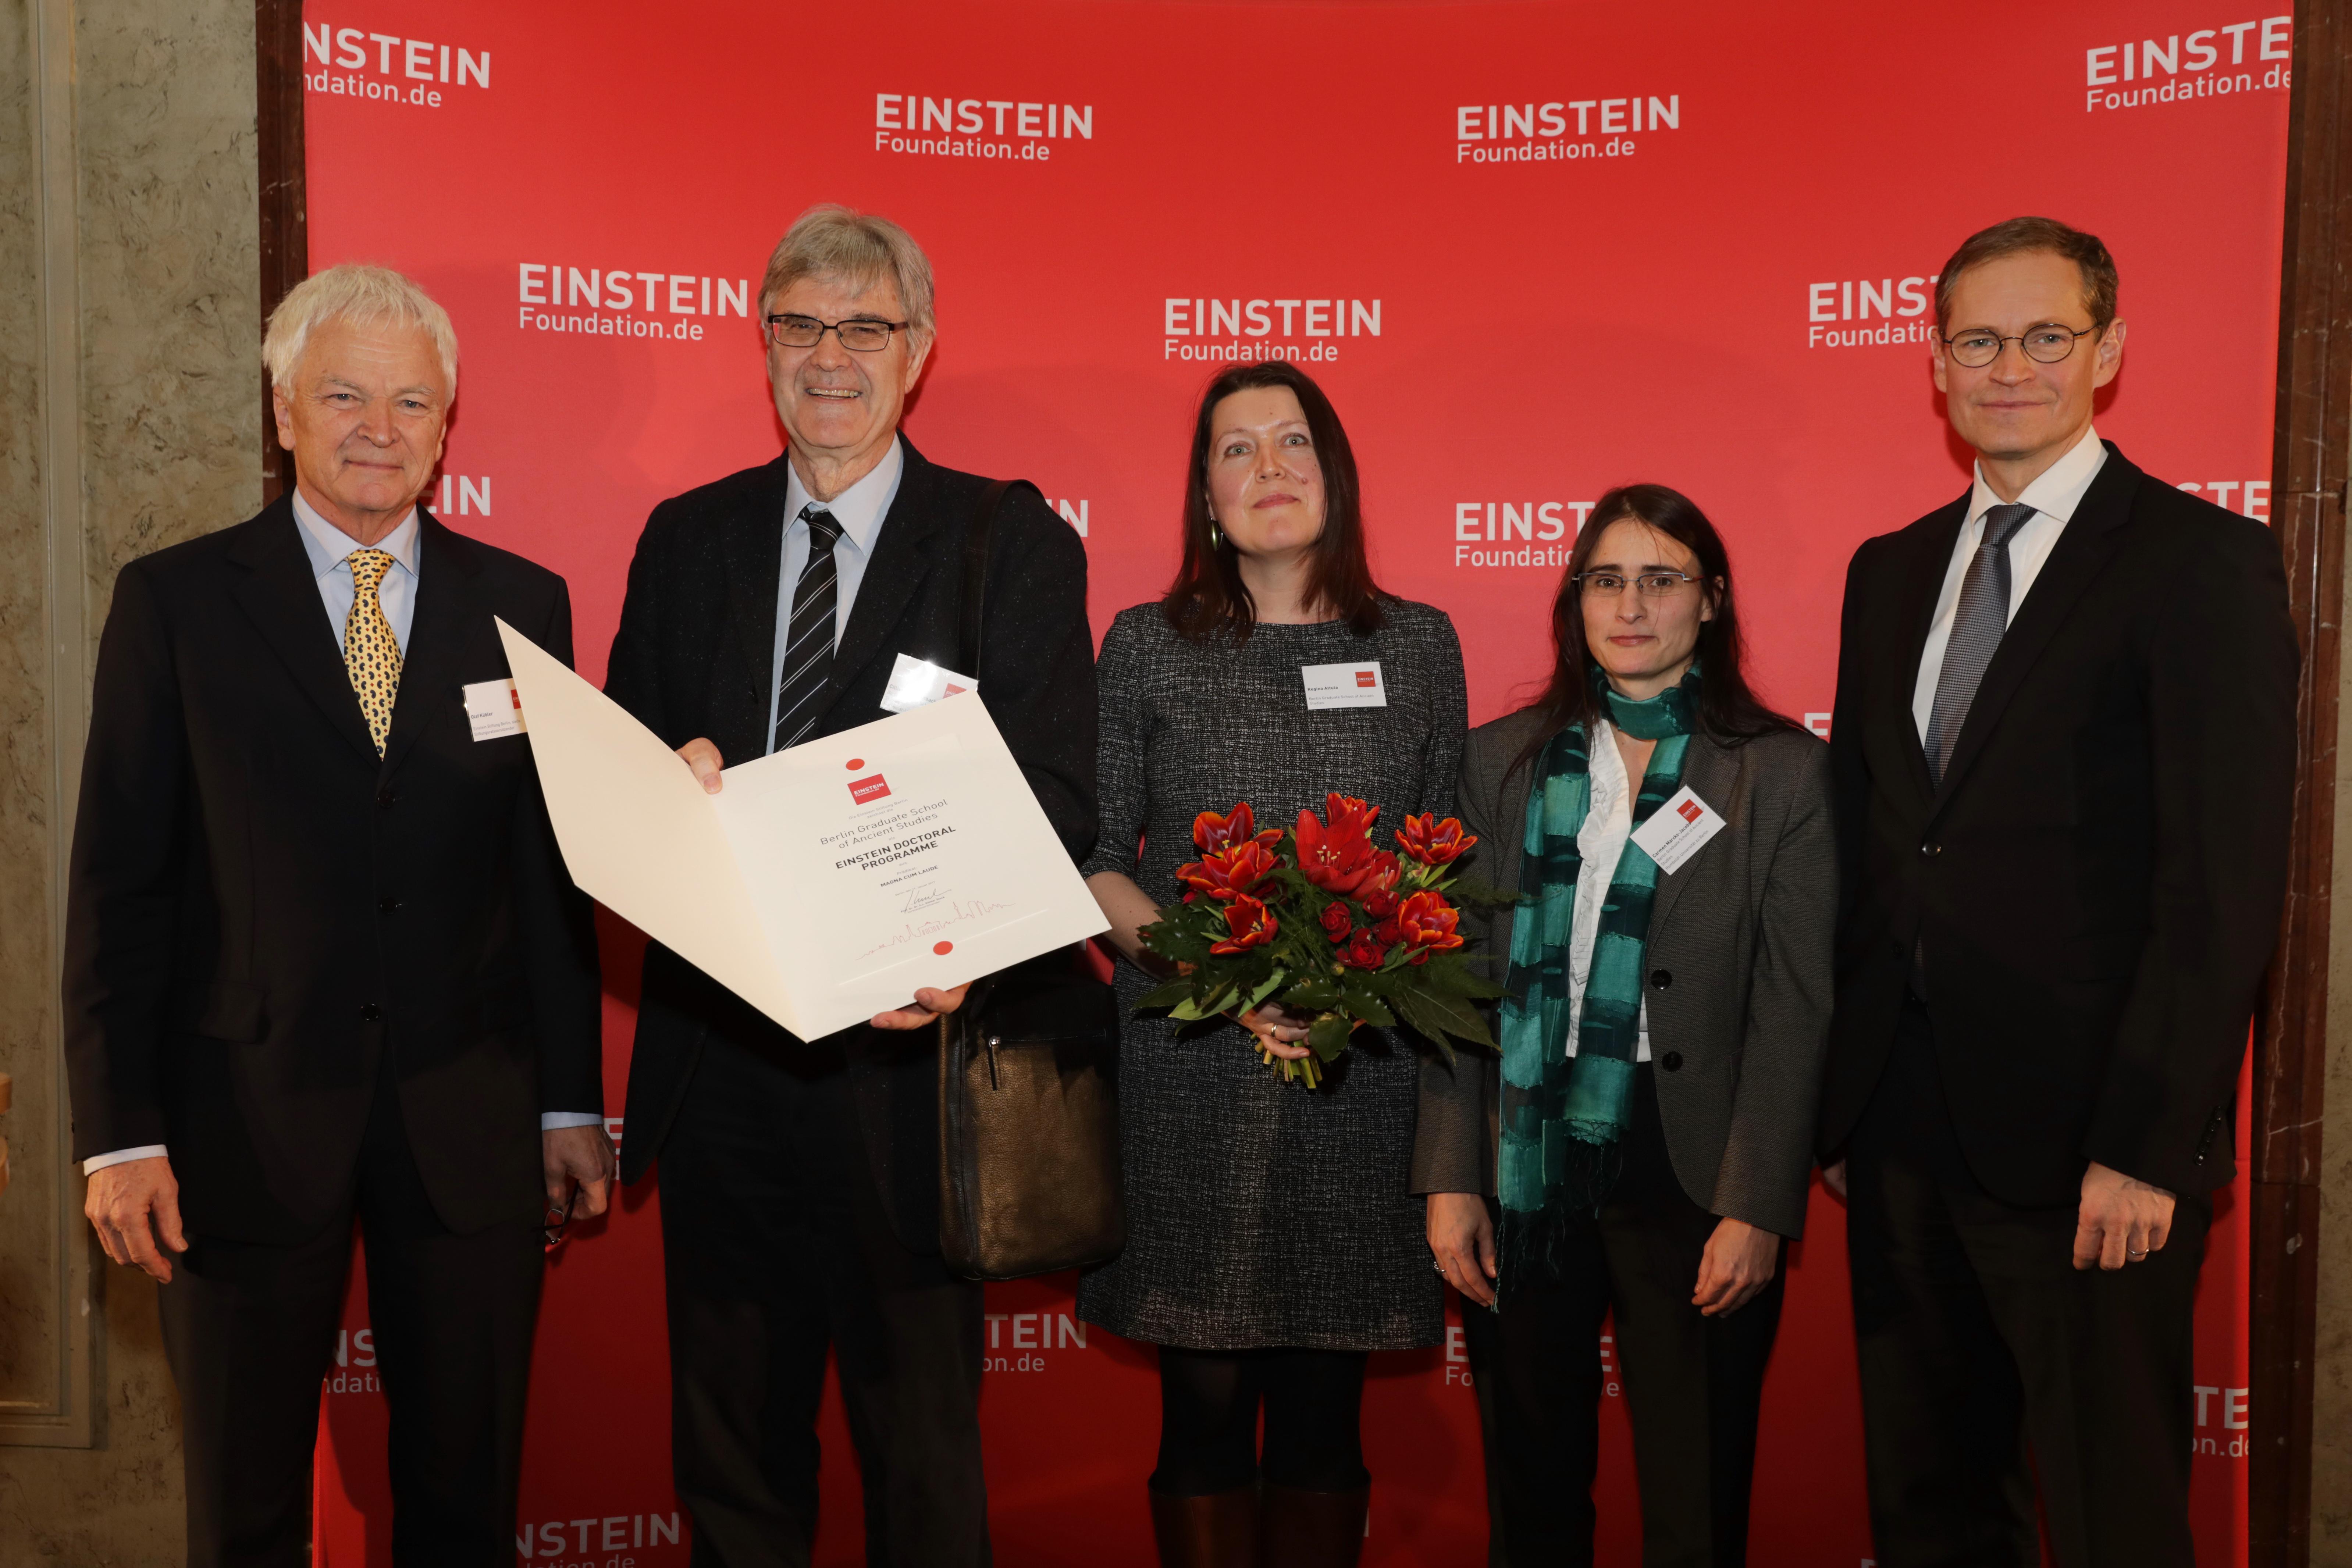 Pressefoto der Urkundenübergabe an die BerGSAS | Foto: Sebastian Gabsch, Einsteinstiftung